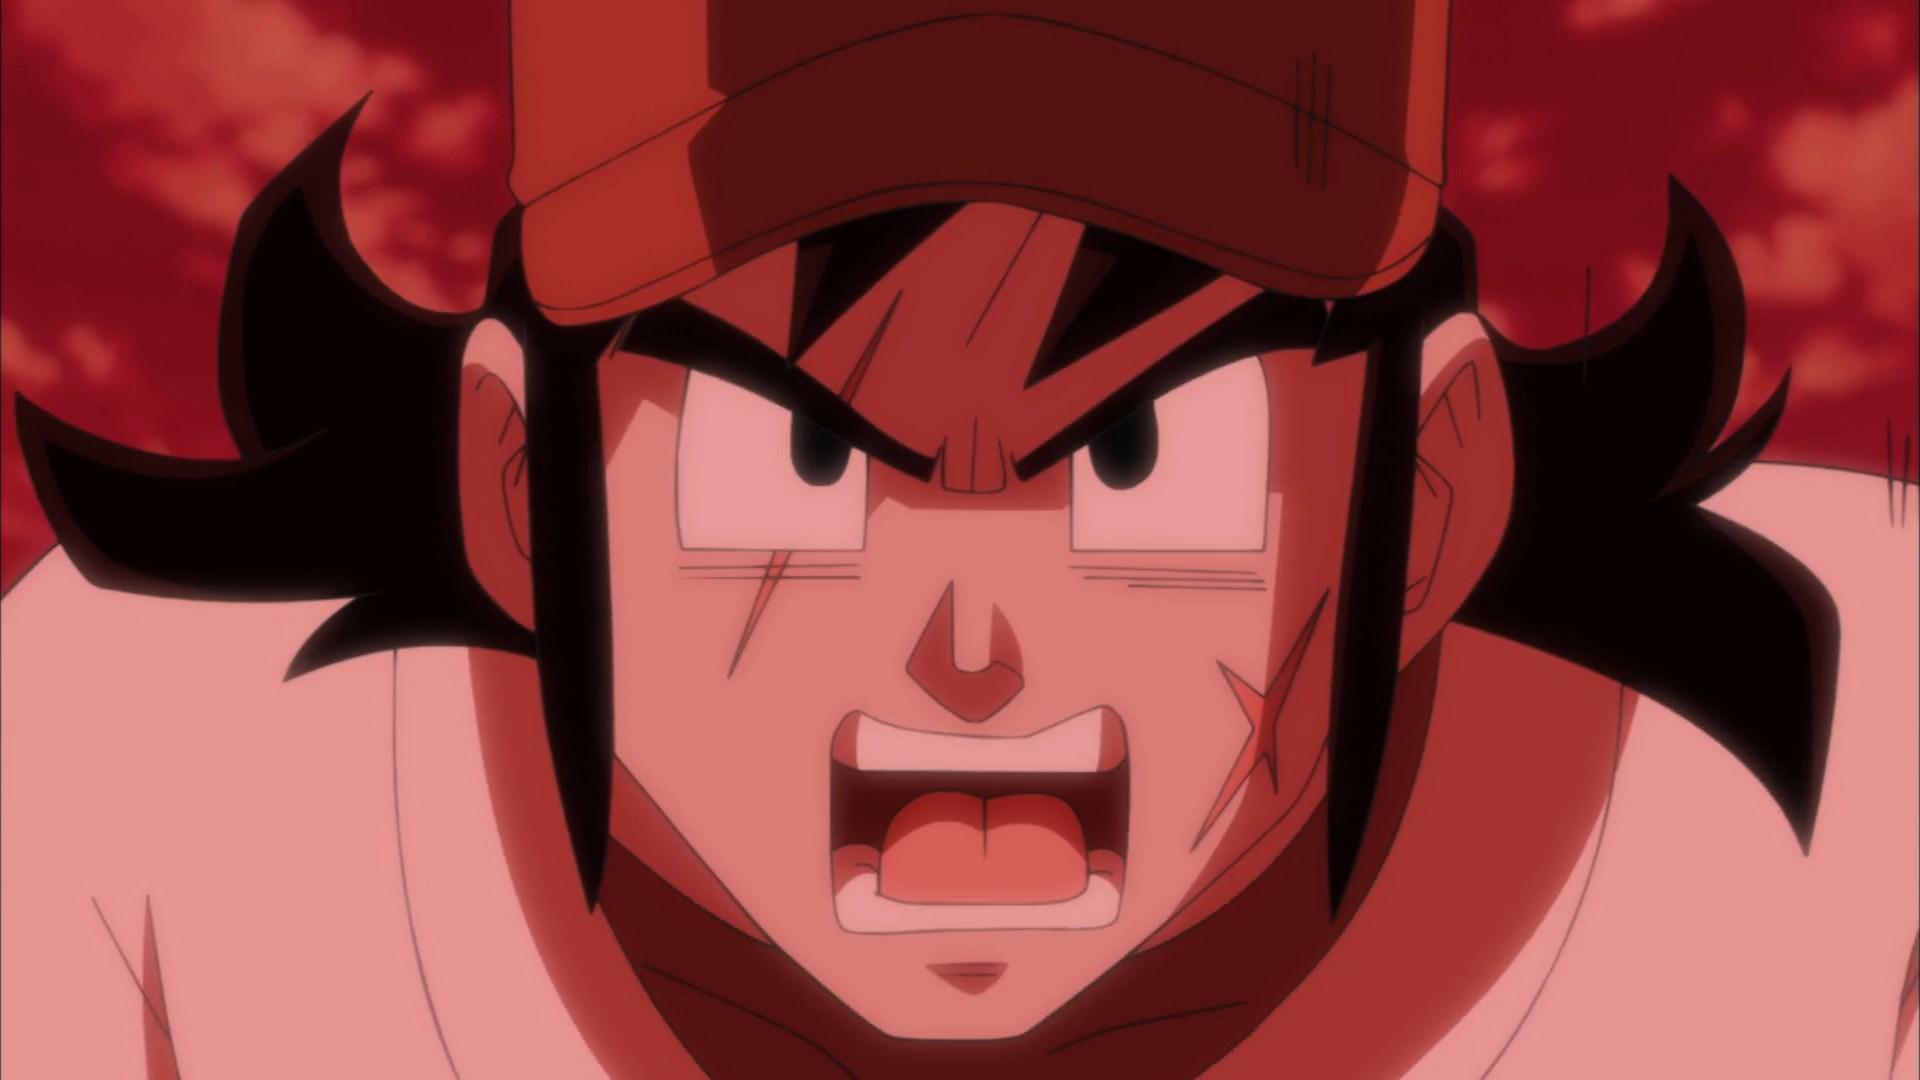 [DS] Dragon Ball Super 070 [1080p].mkv_snapshot_16.34_[2016.12.11_03.53.18]